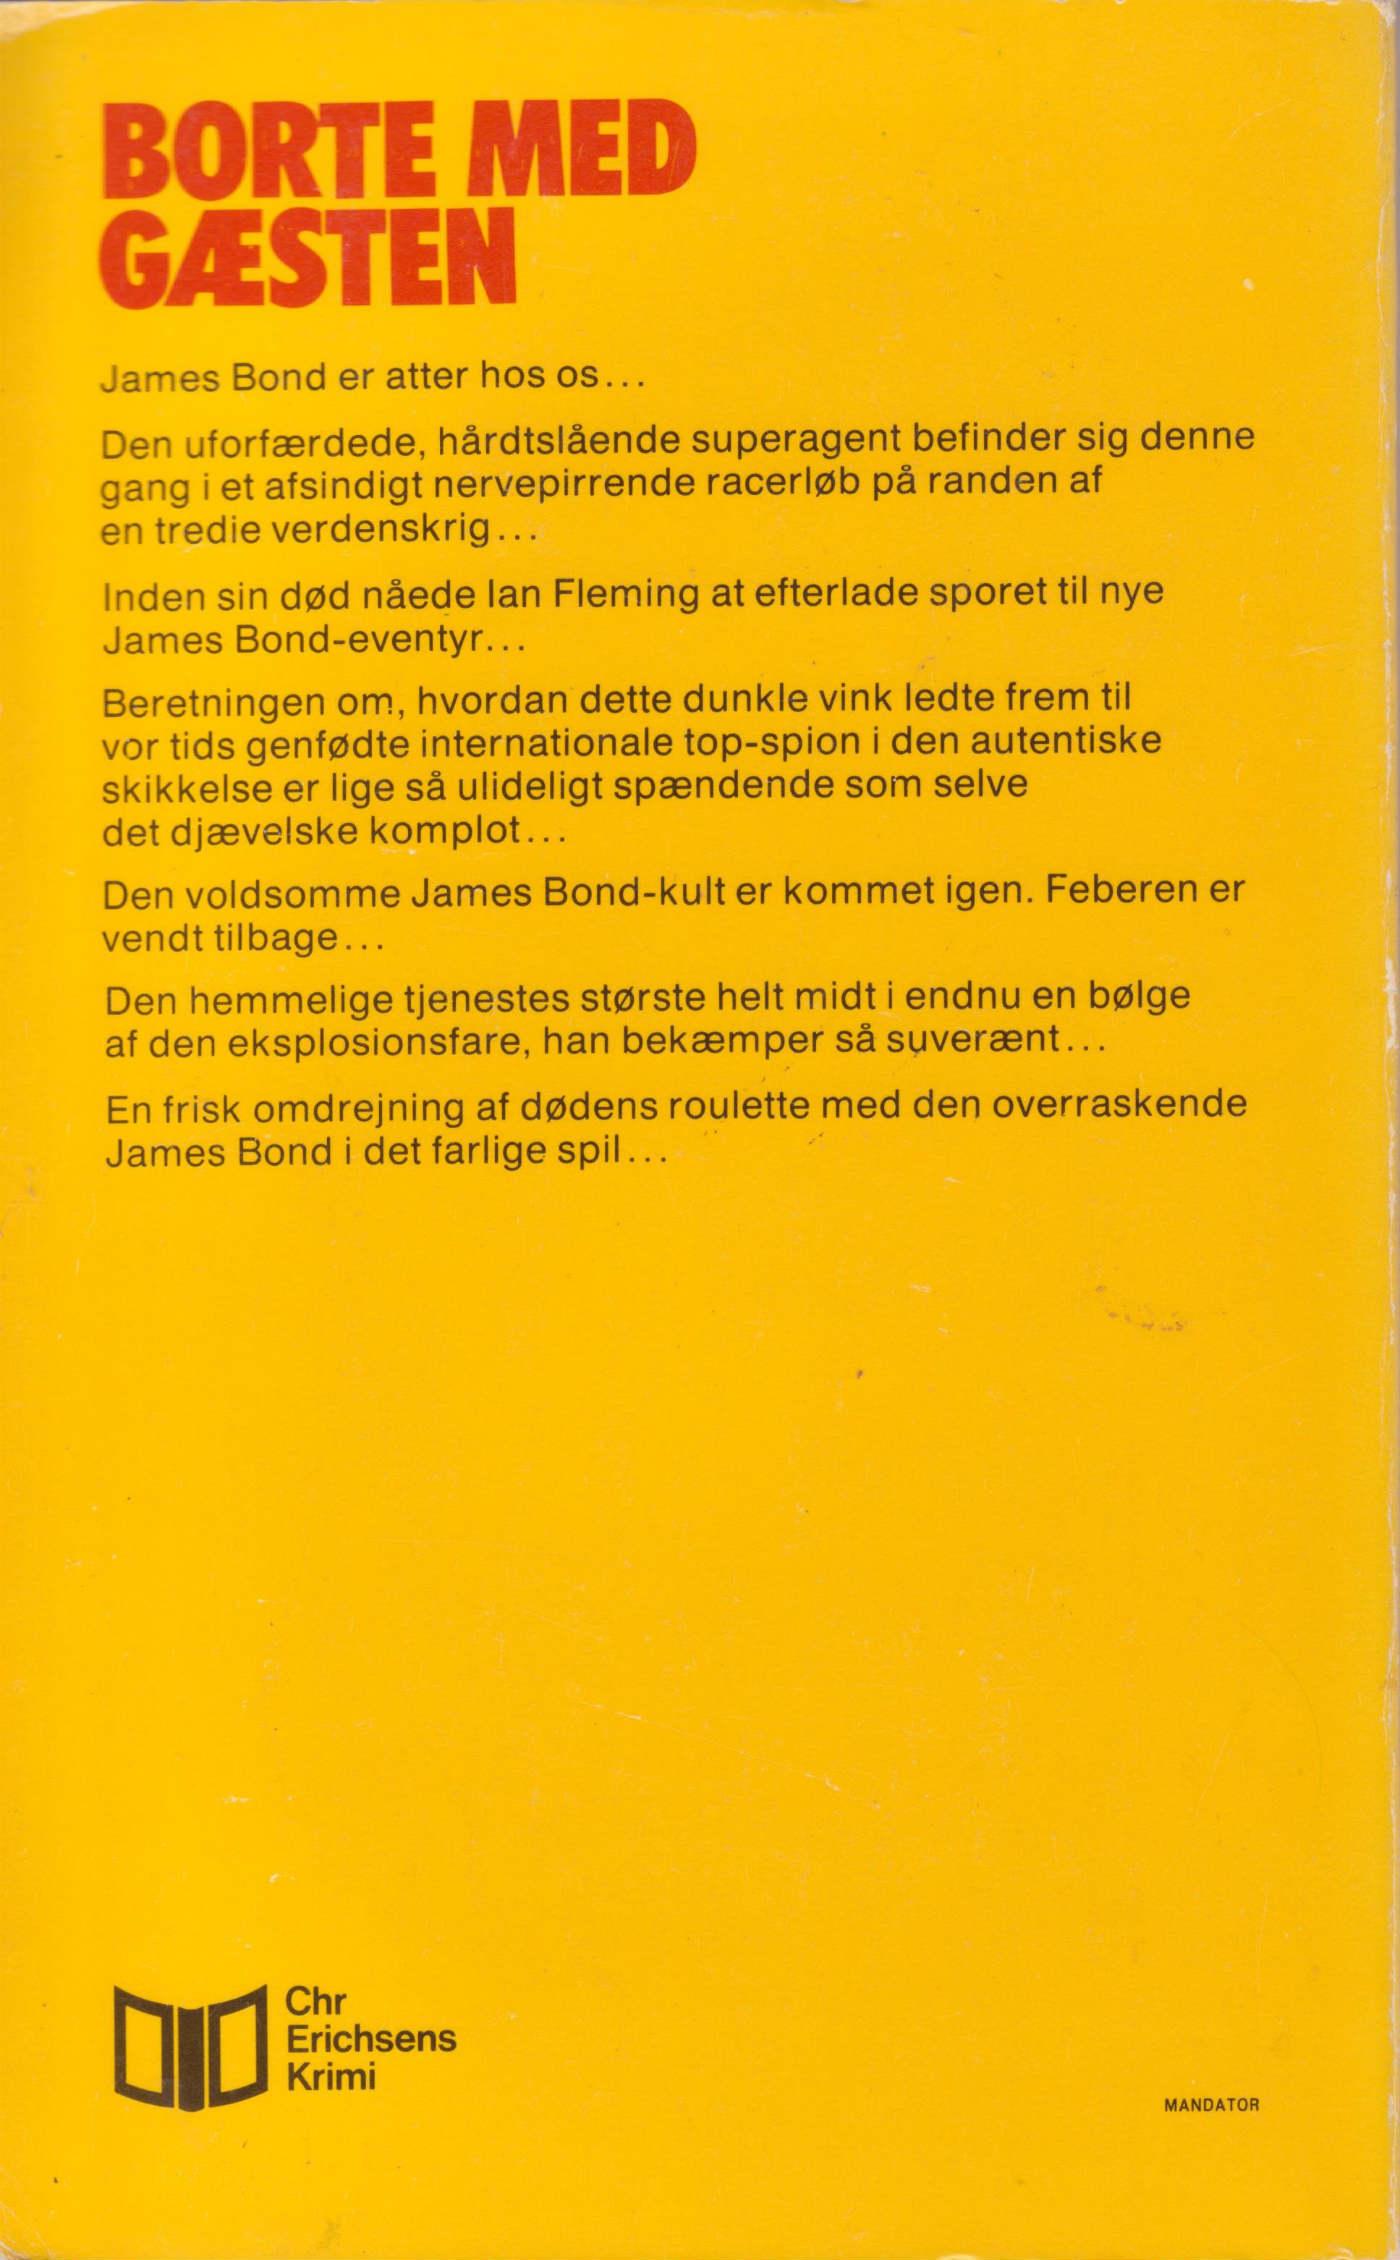 Borte med gæsten 1976 back cover